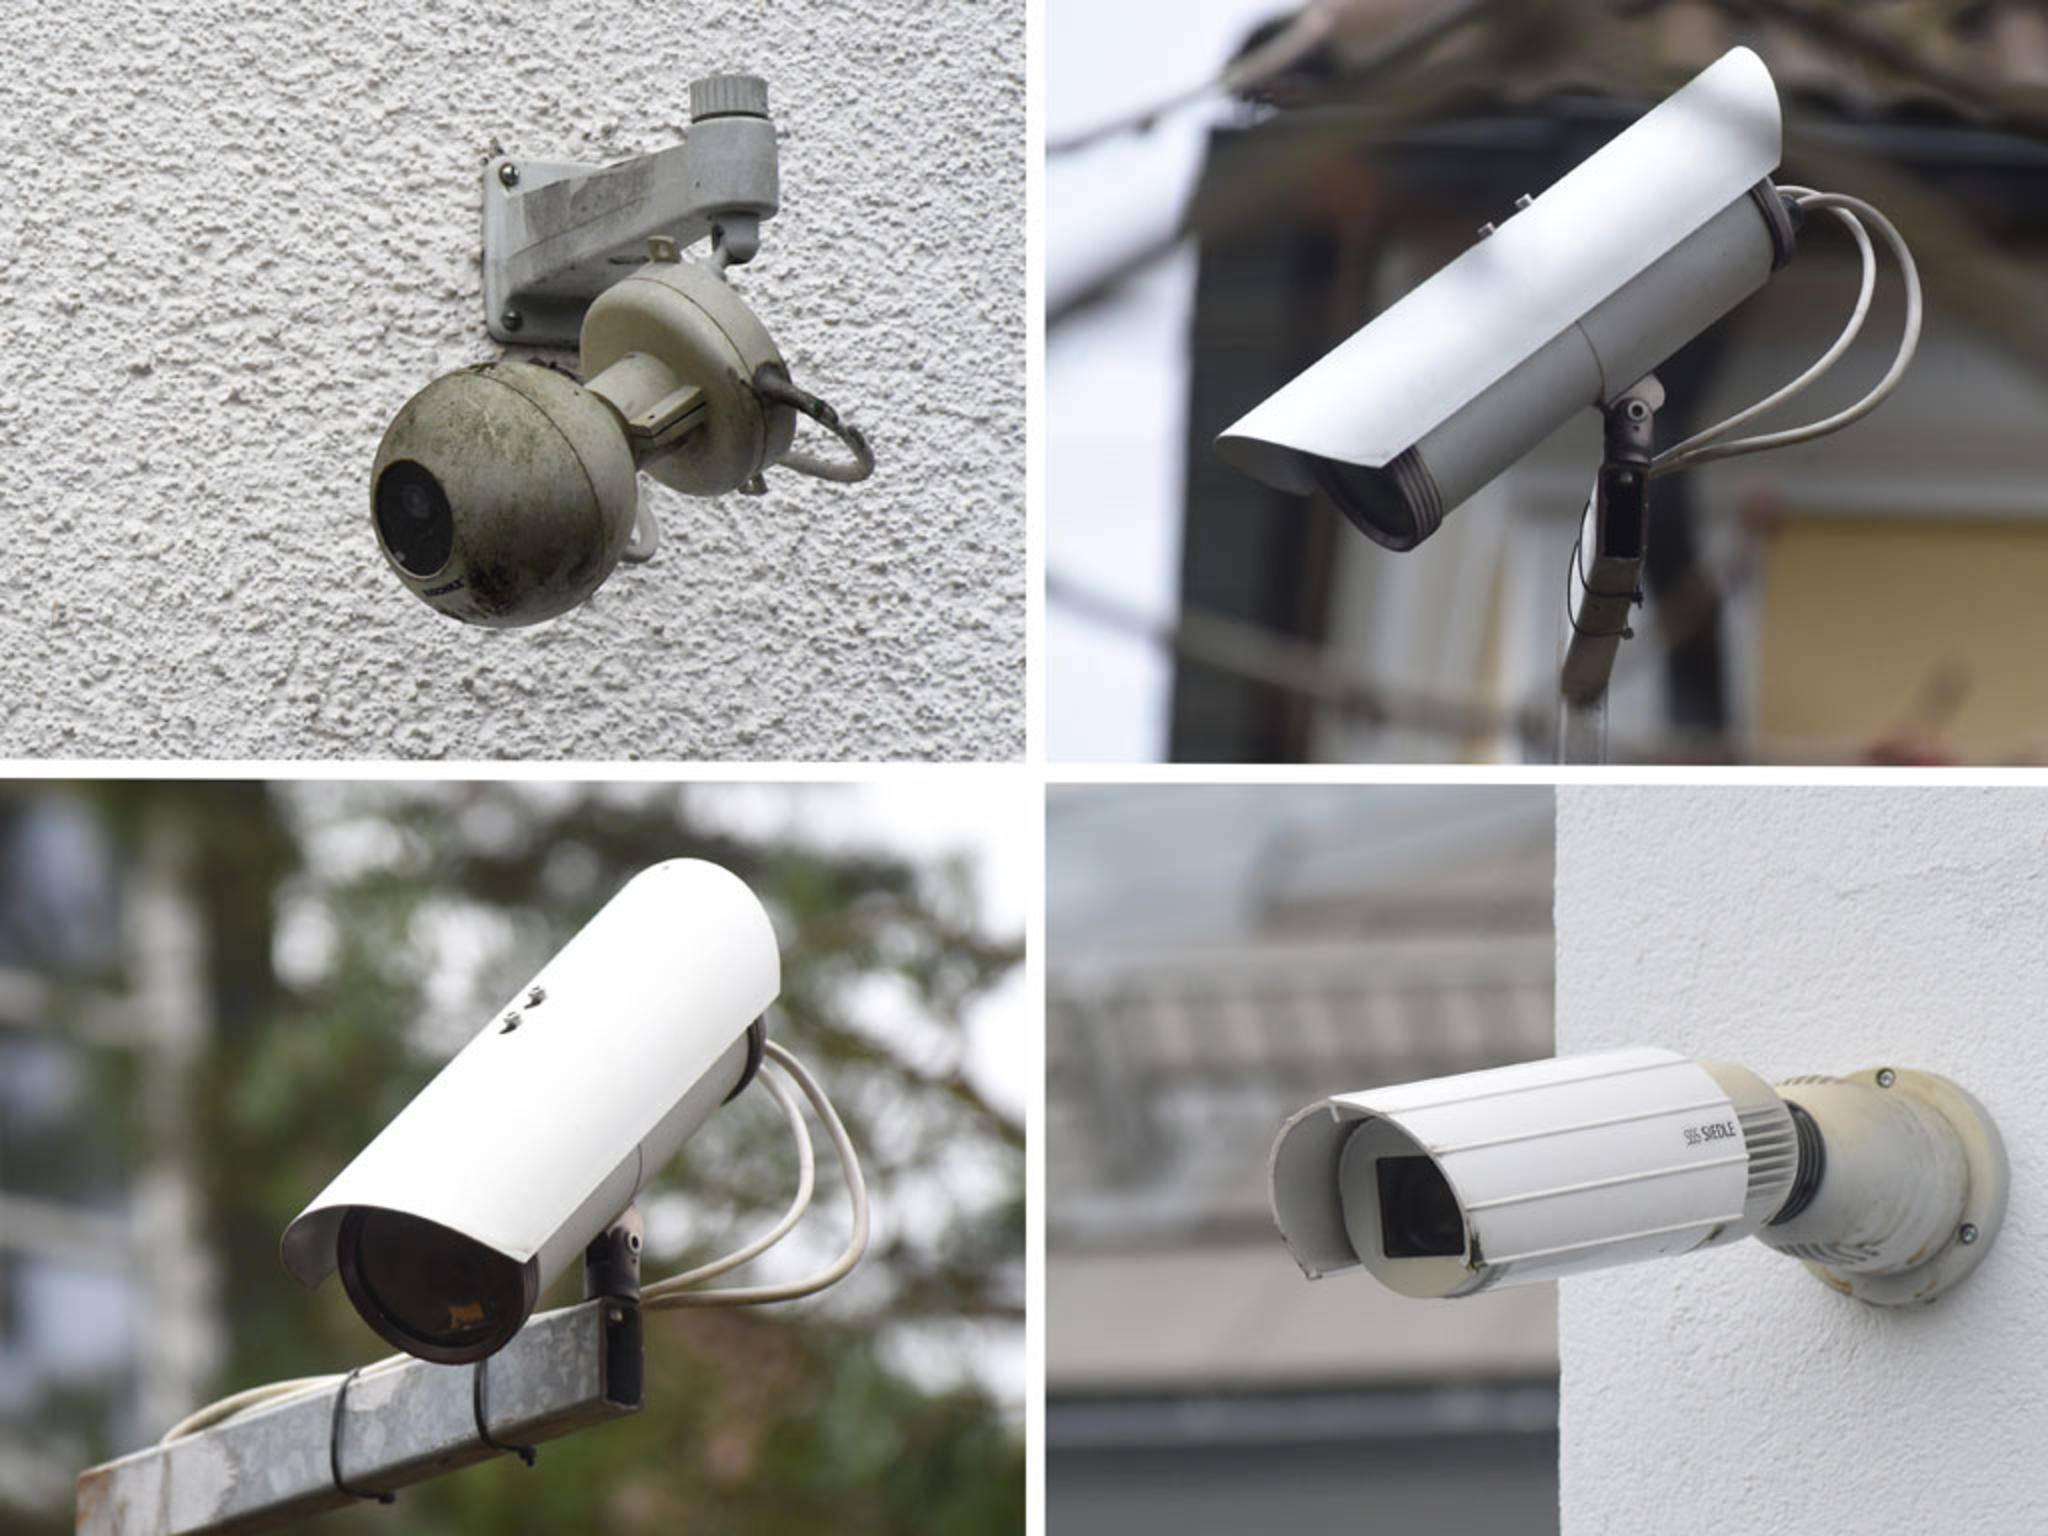 IP-Kameras: Auch im privat gelten gesetzliche Vorschriften.